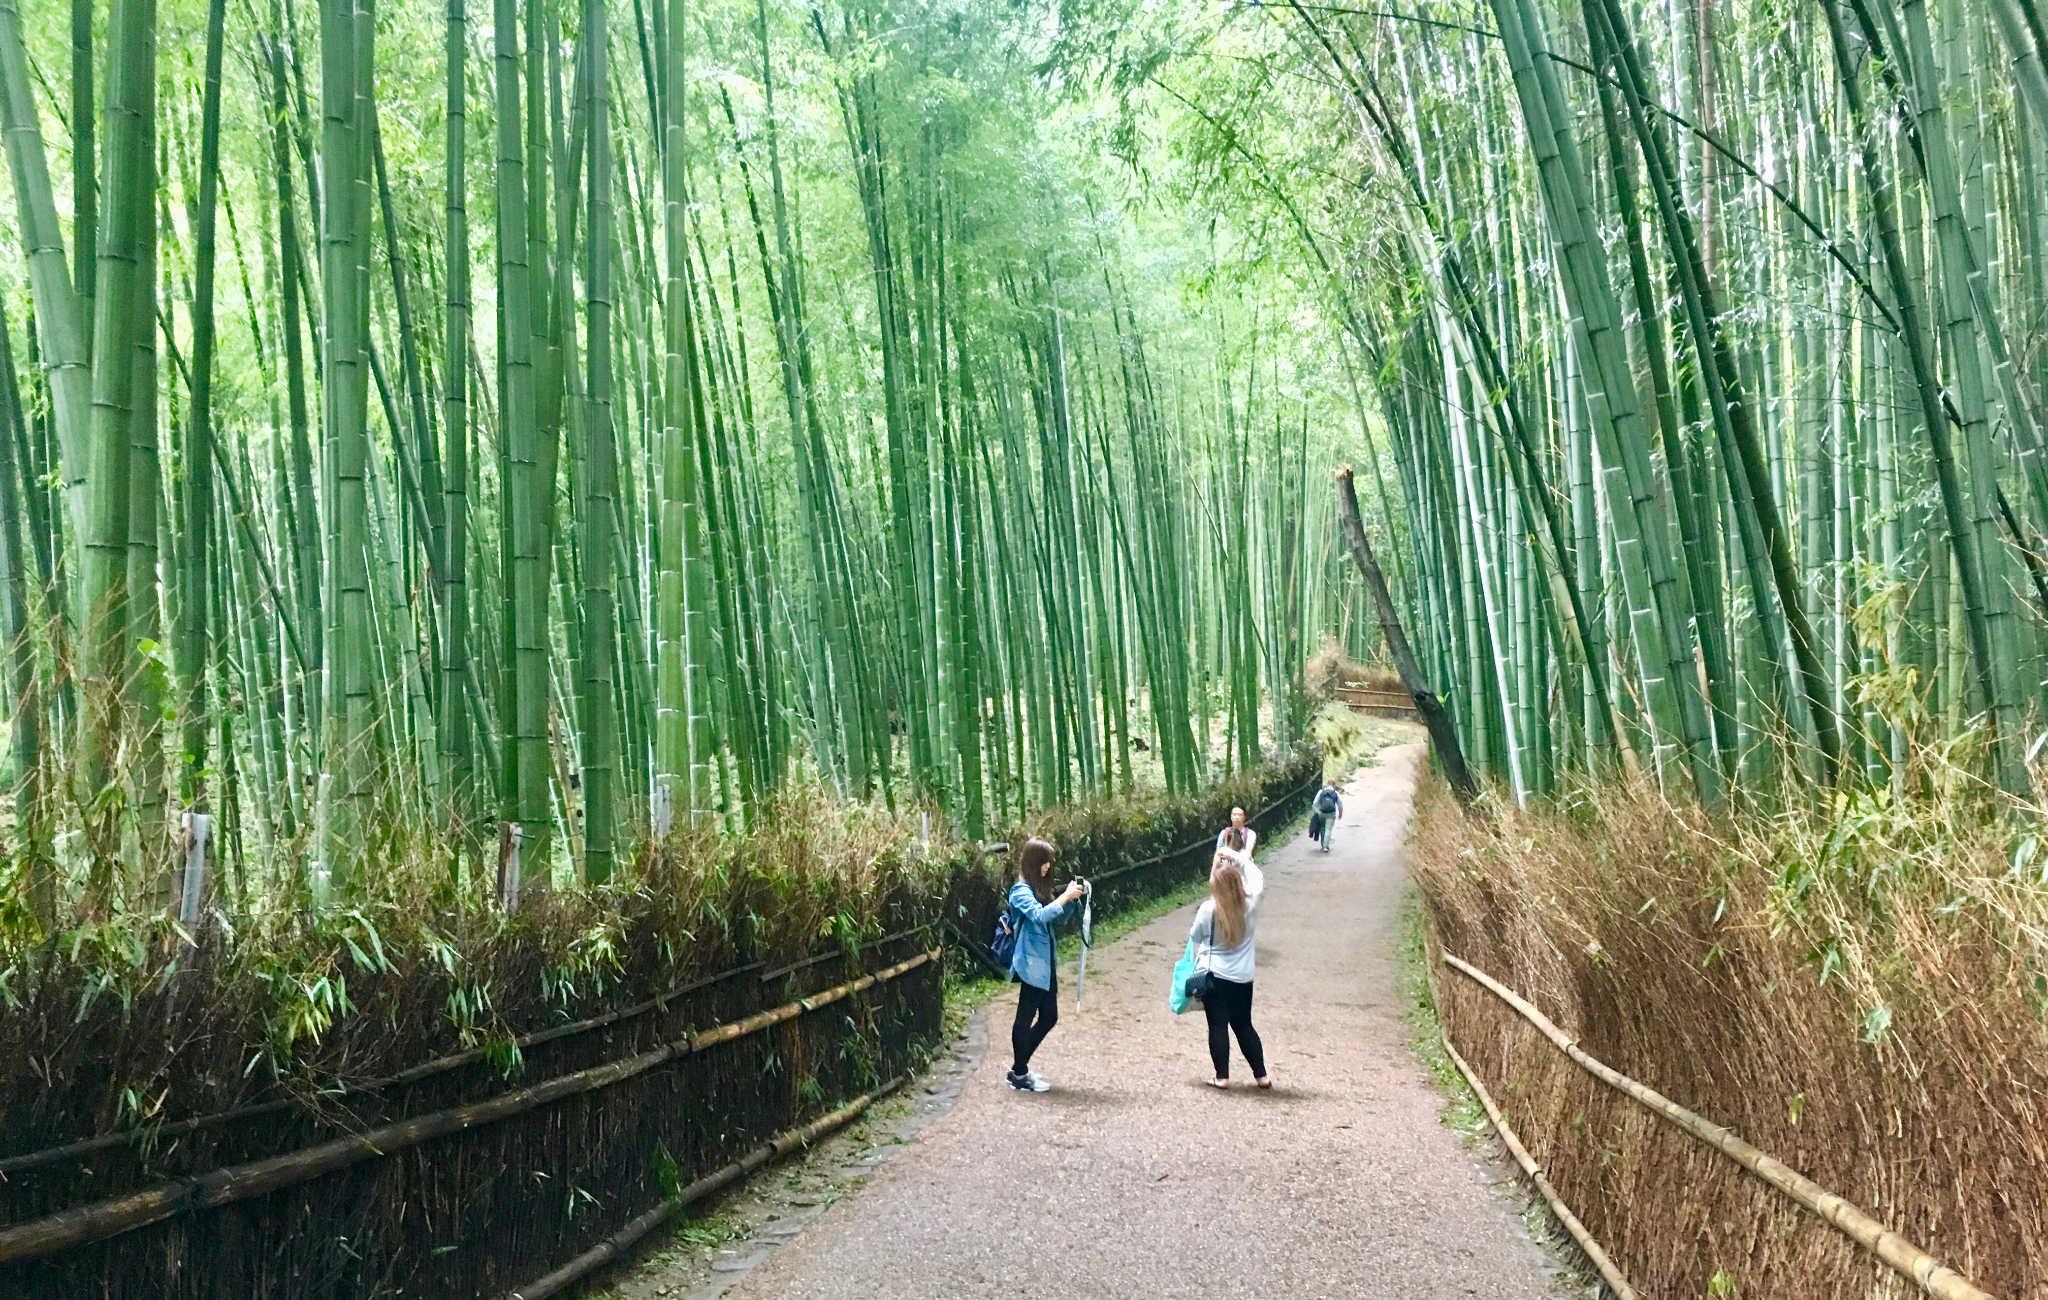 La forêt de bambous forme de véritables tunnels de verdure